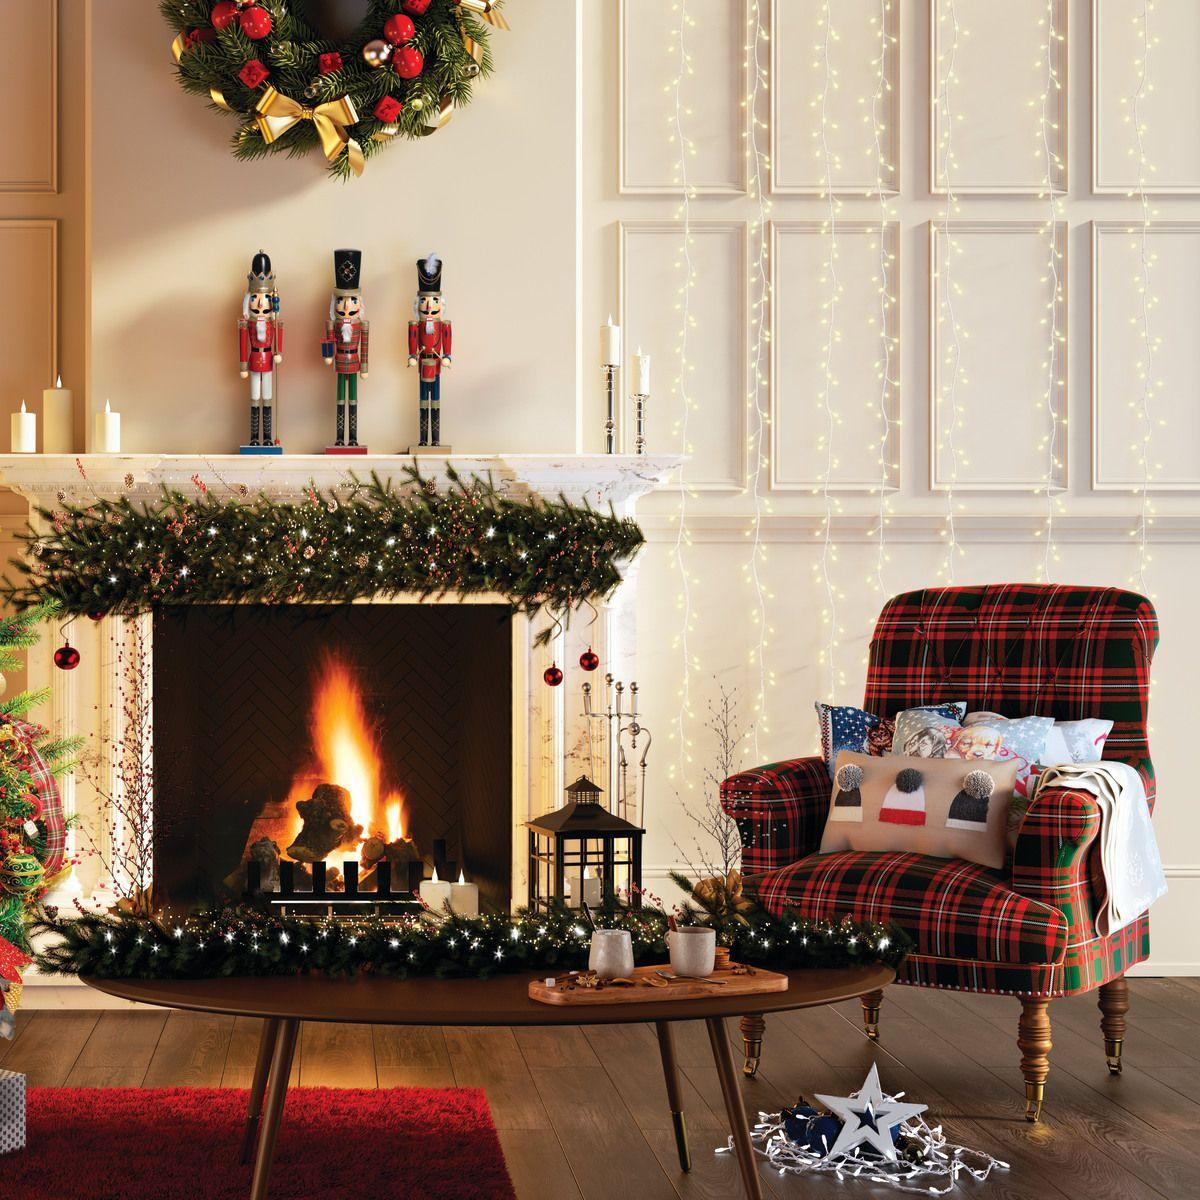 Addobbi Natalizi Leroy Merlin.In Legno H 38 Cm L 10 Cm X P 10 Cm Prezzo Online Leroy Merlin Schiaccianoci Natale Natale Decorazioni